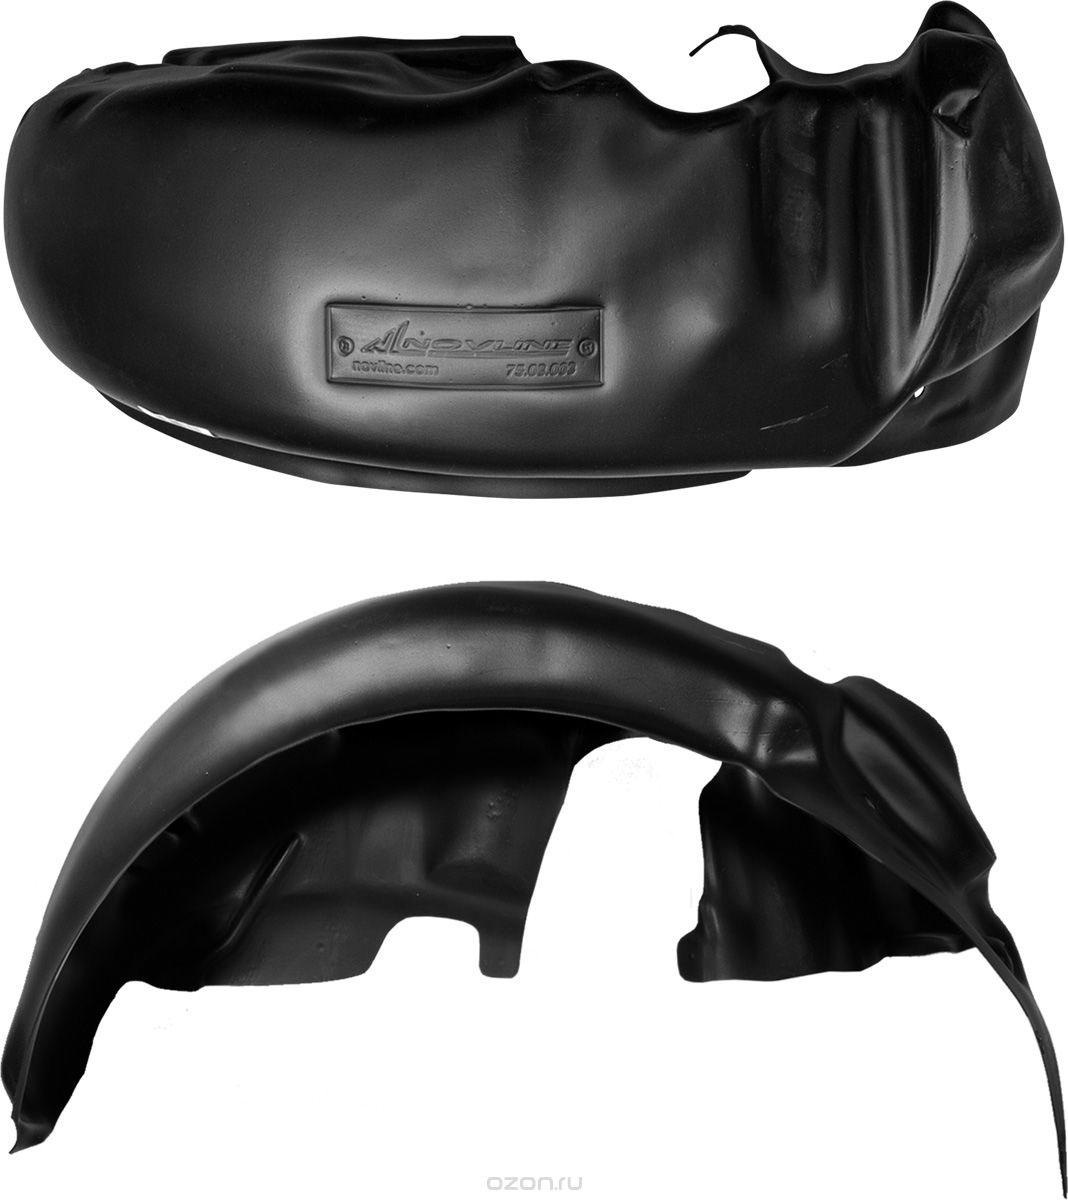 Подкрылок Novline-Autofamily, для DongFeng H30, 03/2014->, хэтчбек, передний левыйNLL.96.01.001Идеальная защита колесной ниши. Локеры разработаны с применением цифровых технологий, гарантируют максимальную повторяемость поверхности арки. Изделия устанавливаются без нарушения лакокрасочного покрытия автомобиля, каждый подкрылок комплектуется крепежом. Уважаемые клиенты, обращаем ваше внимание, что фотографии на подкрылки универсальные и не отражают реальную форму изделия. При этом само изделие идет точно под размер указанного автомобиля.